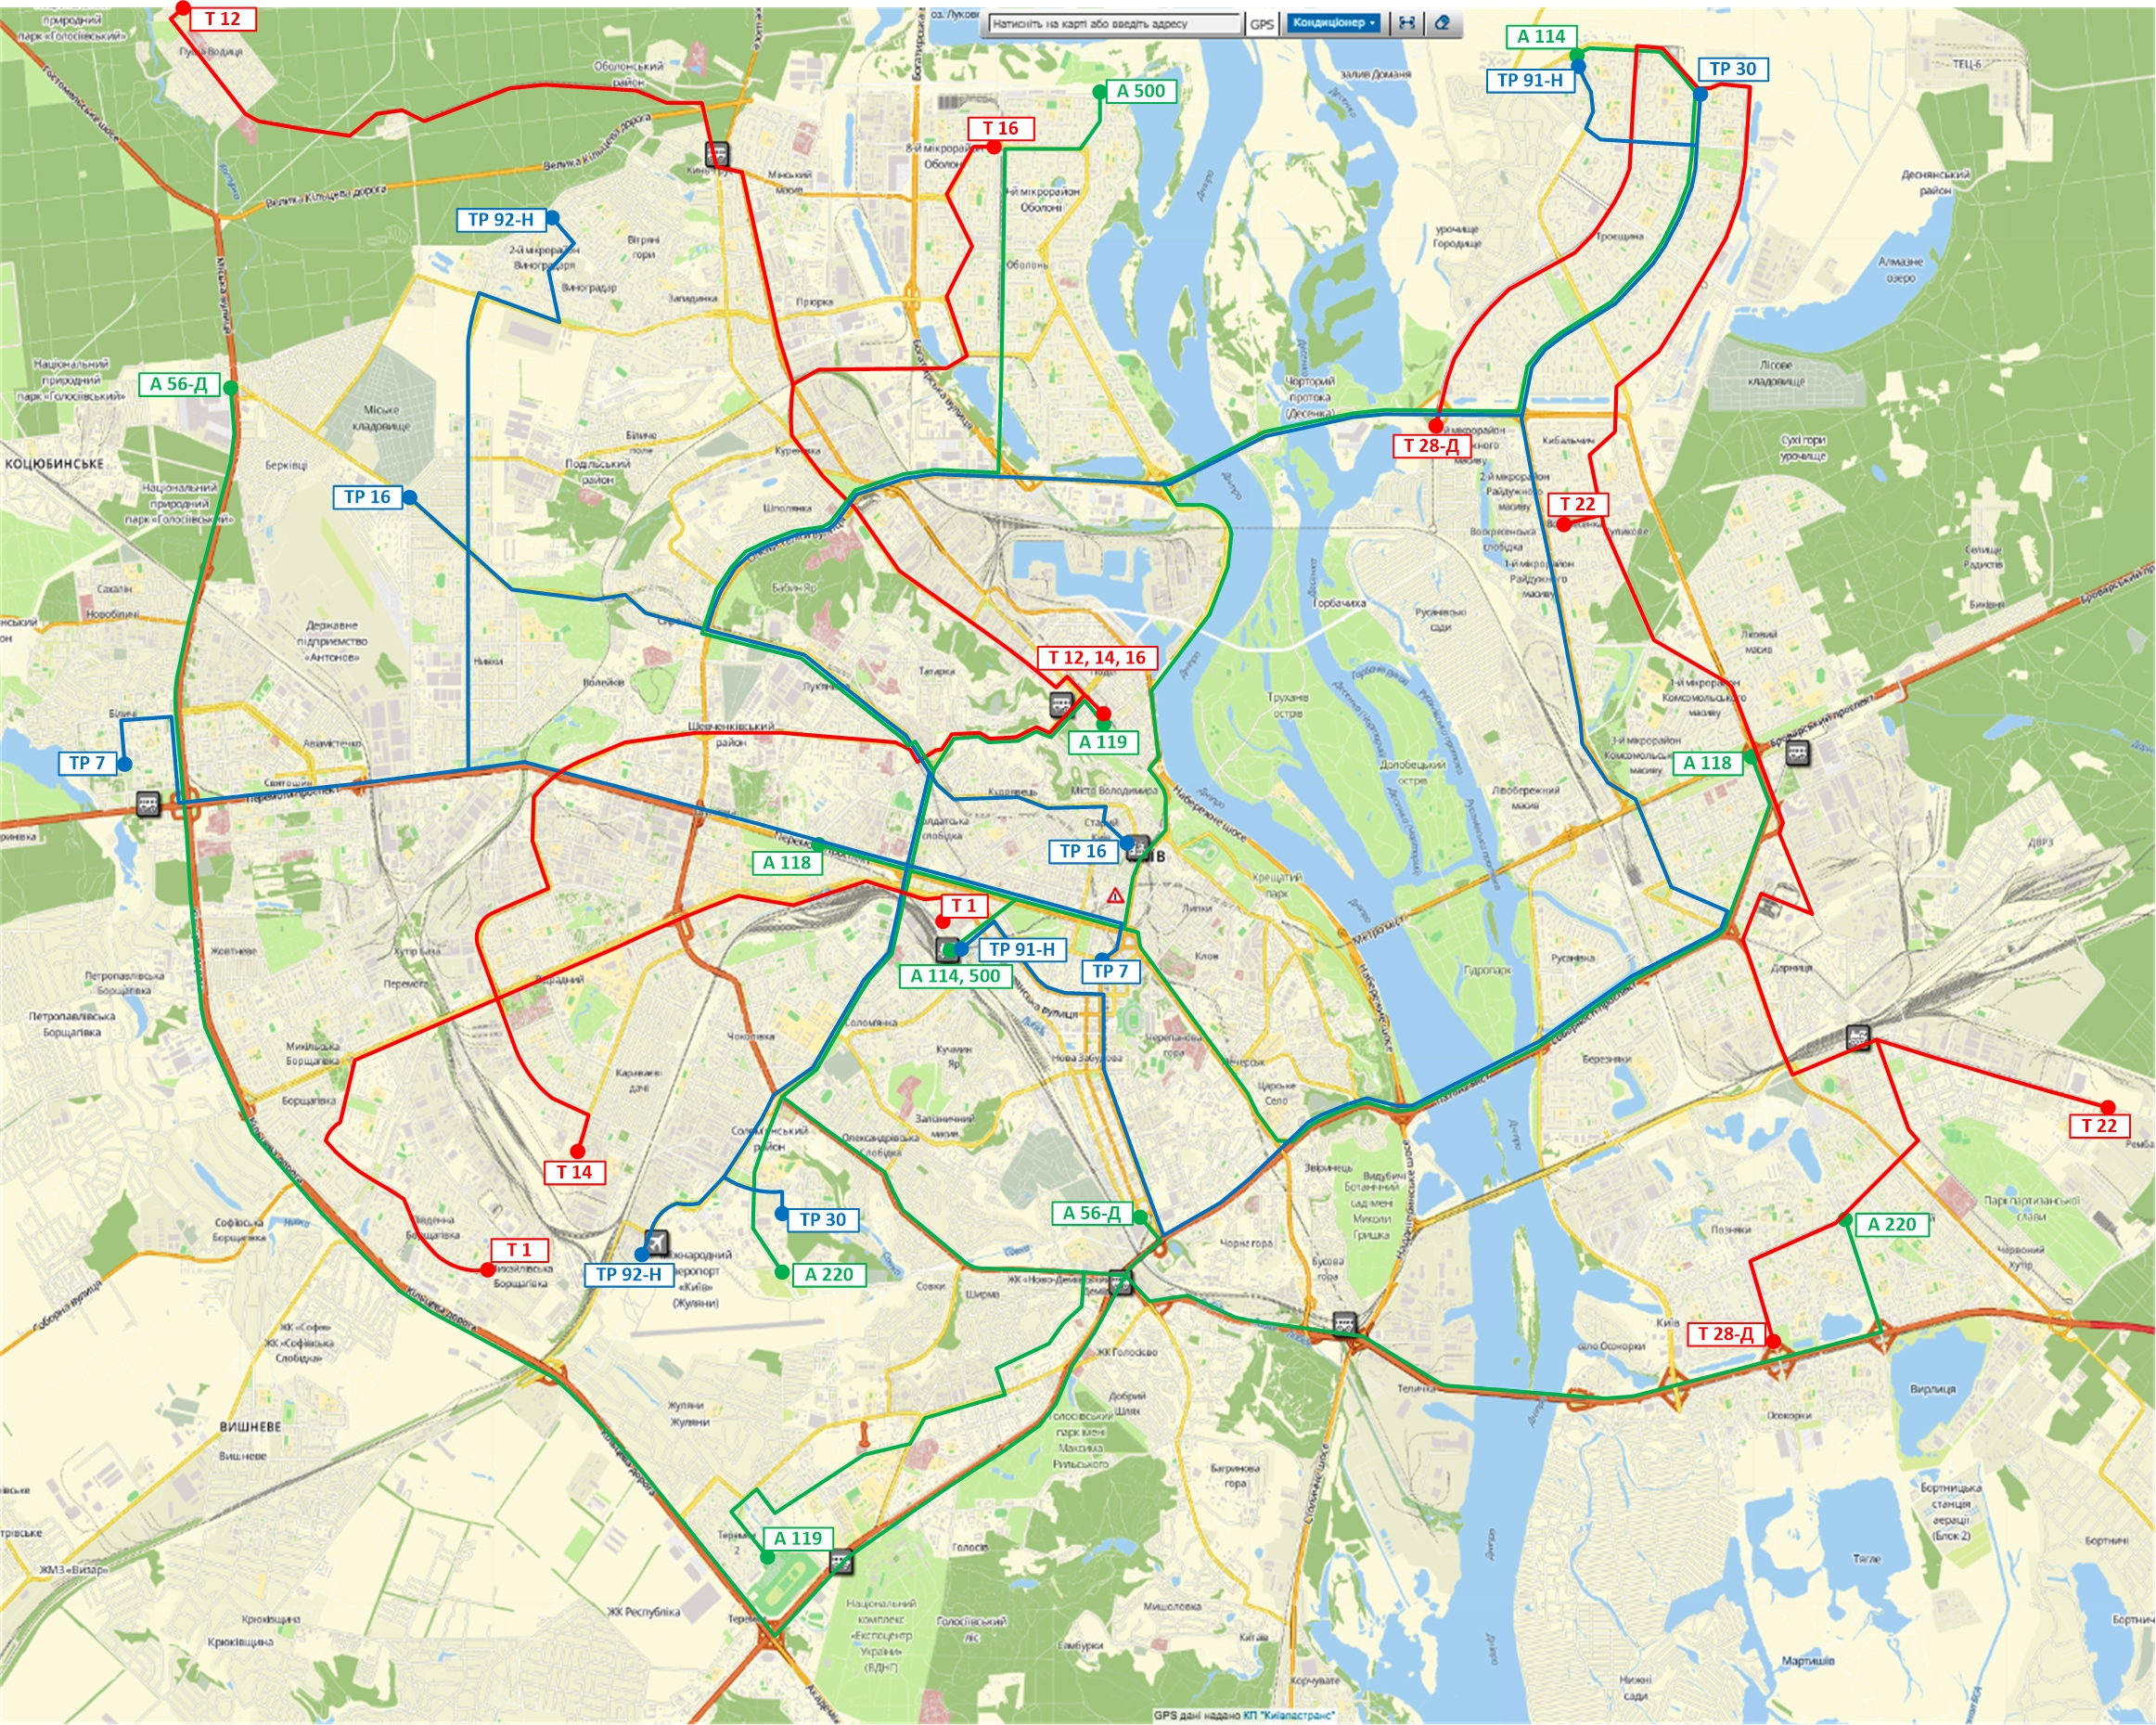 Опубликована схема движения общественного транспорта в Киеве